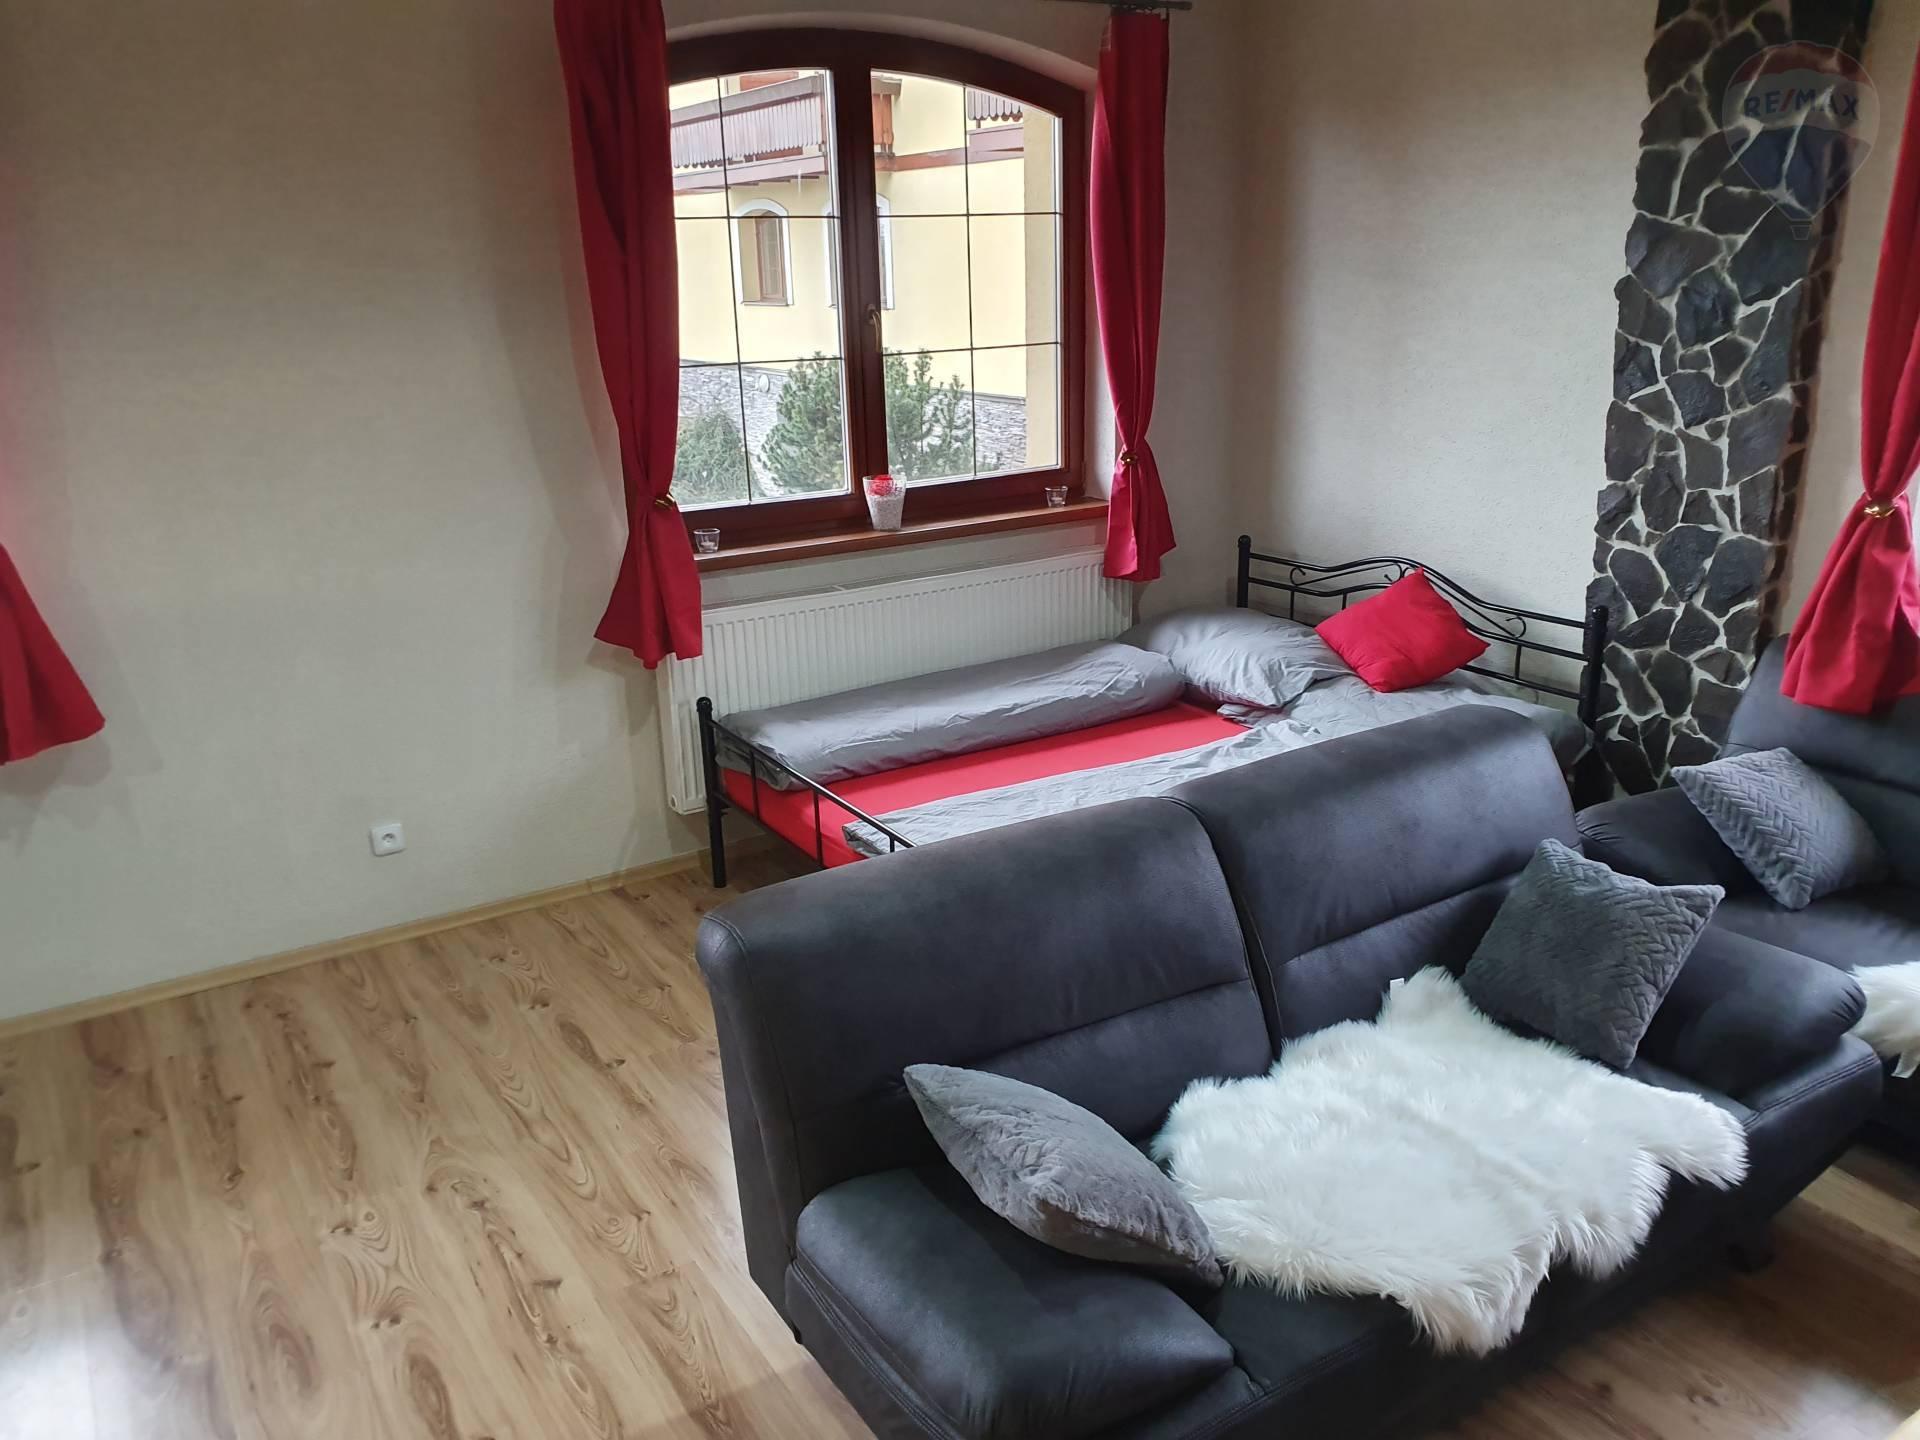 Predaj bytu (2 izbový) 62 m2, Veľká Lomnica - predaj 2-izbový apartmán Veľká Lomnica, okr.Kežmarok